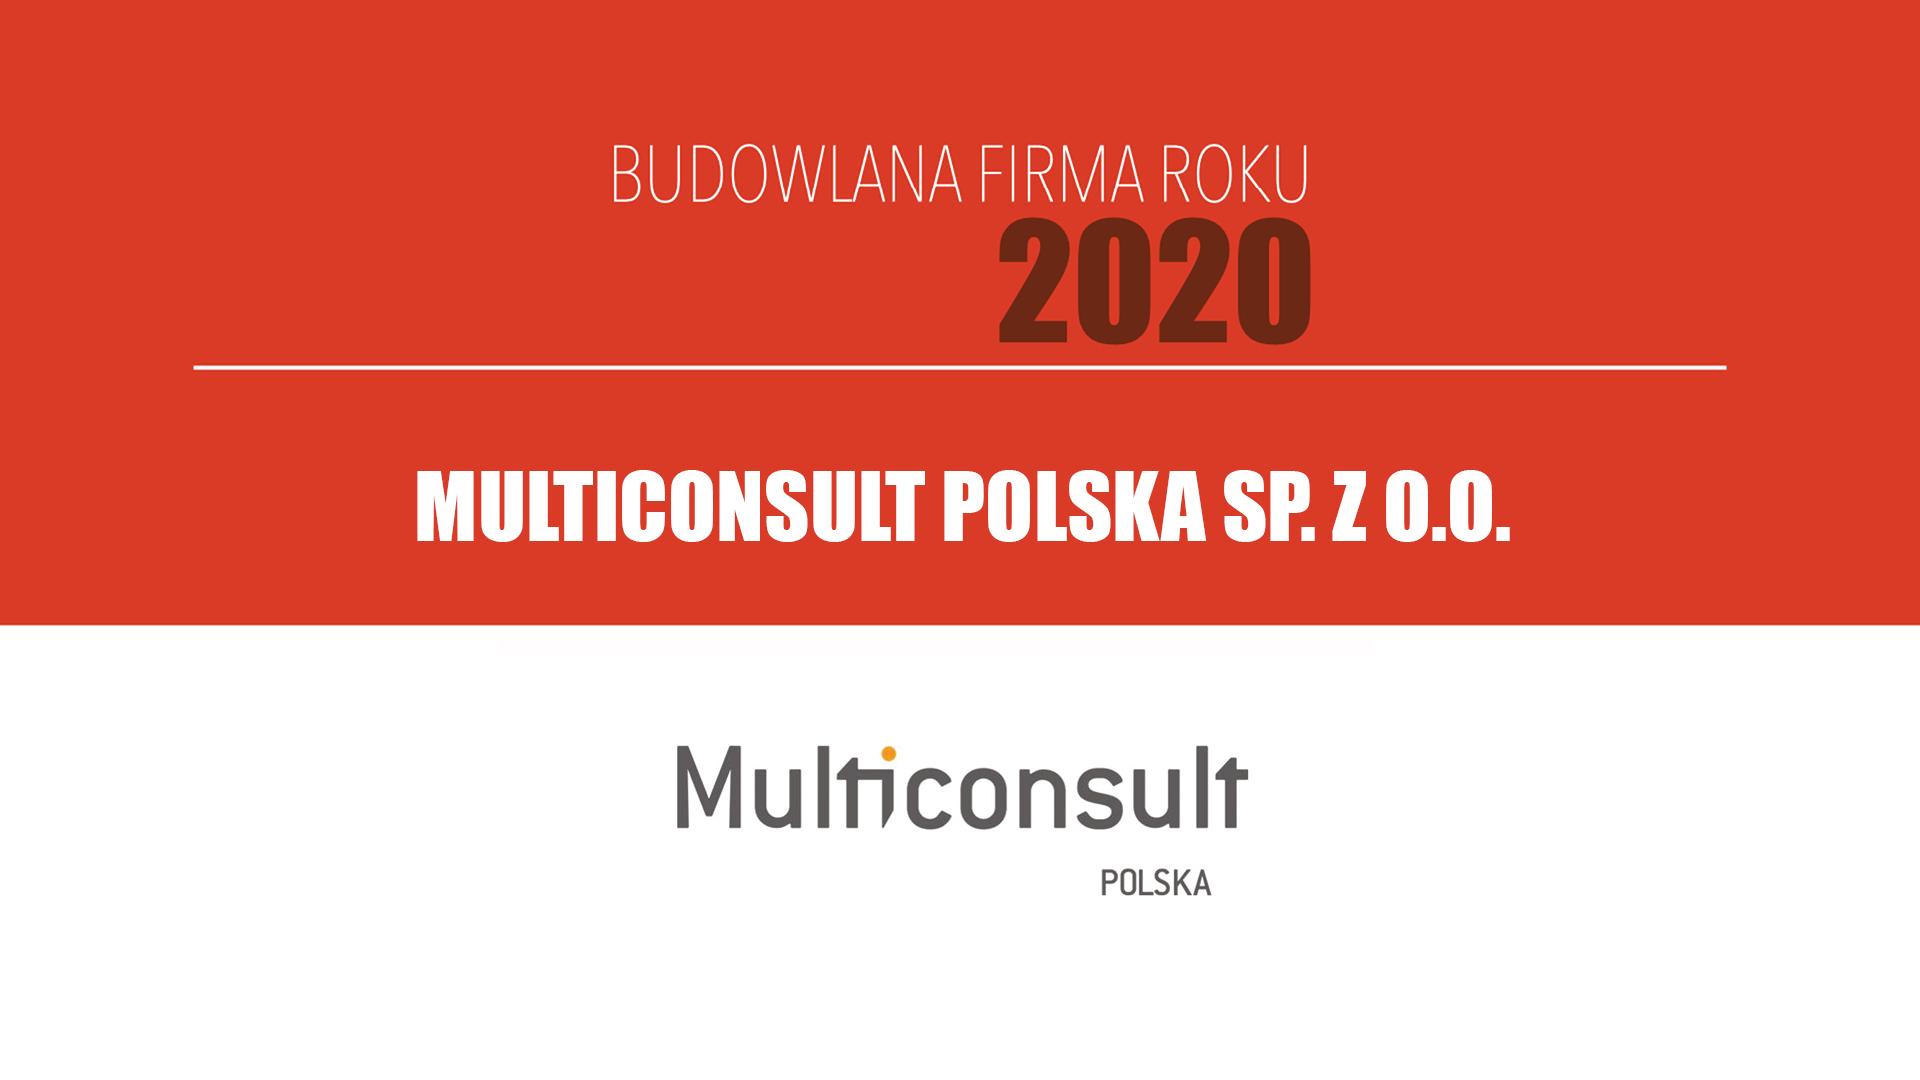 MULTICONSULT POLSKA SP. Z O.O. – Budowlana Firma Roku 2020